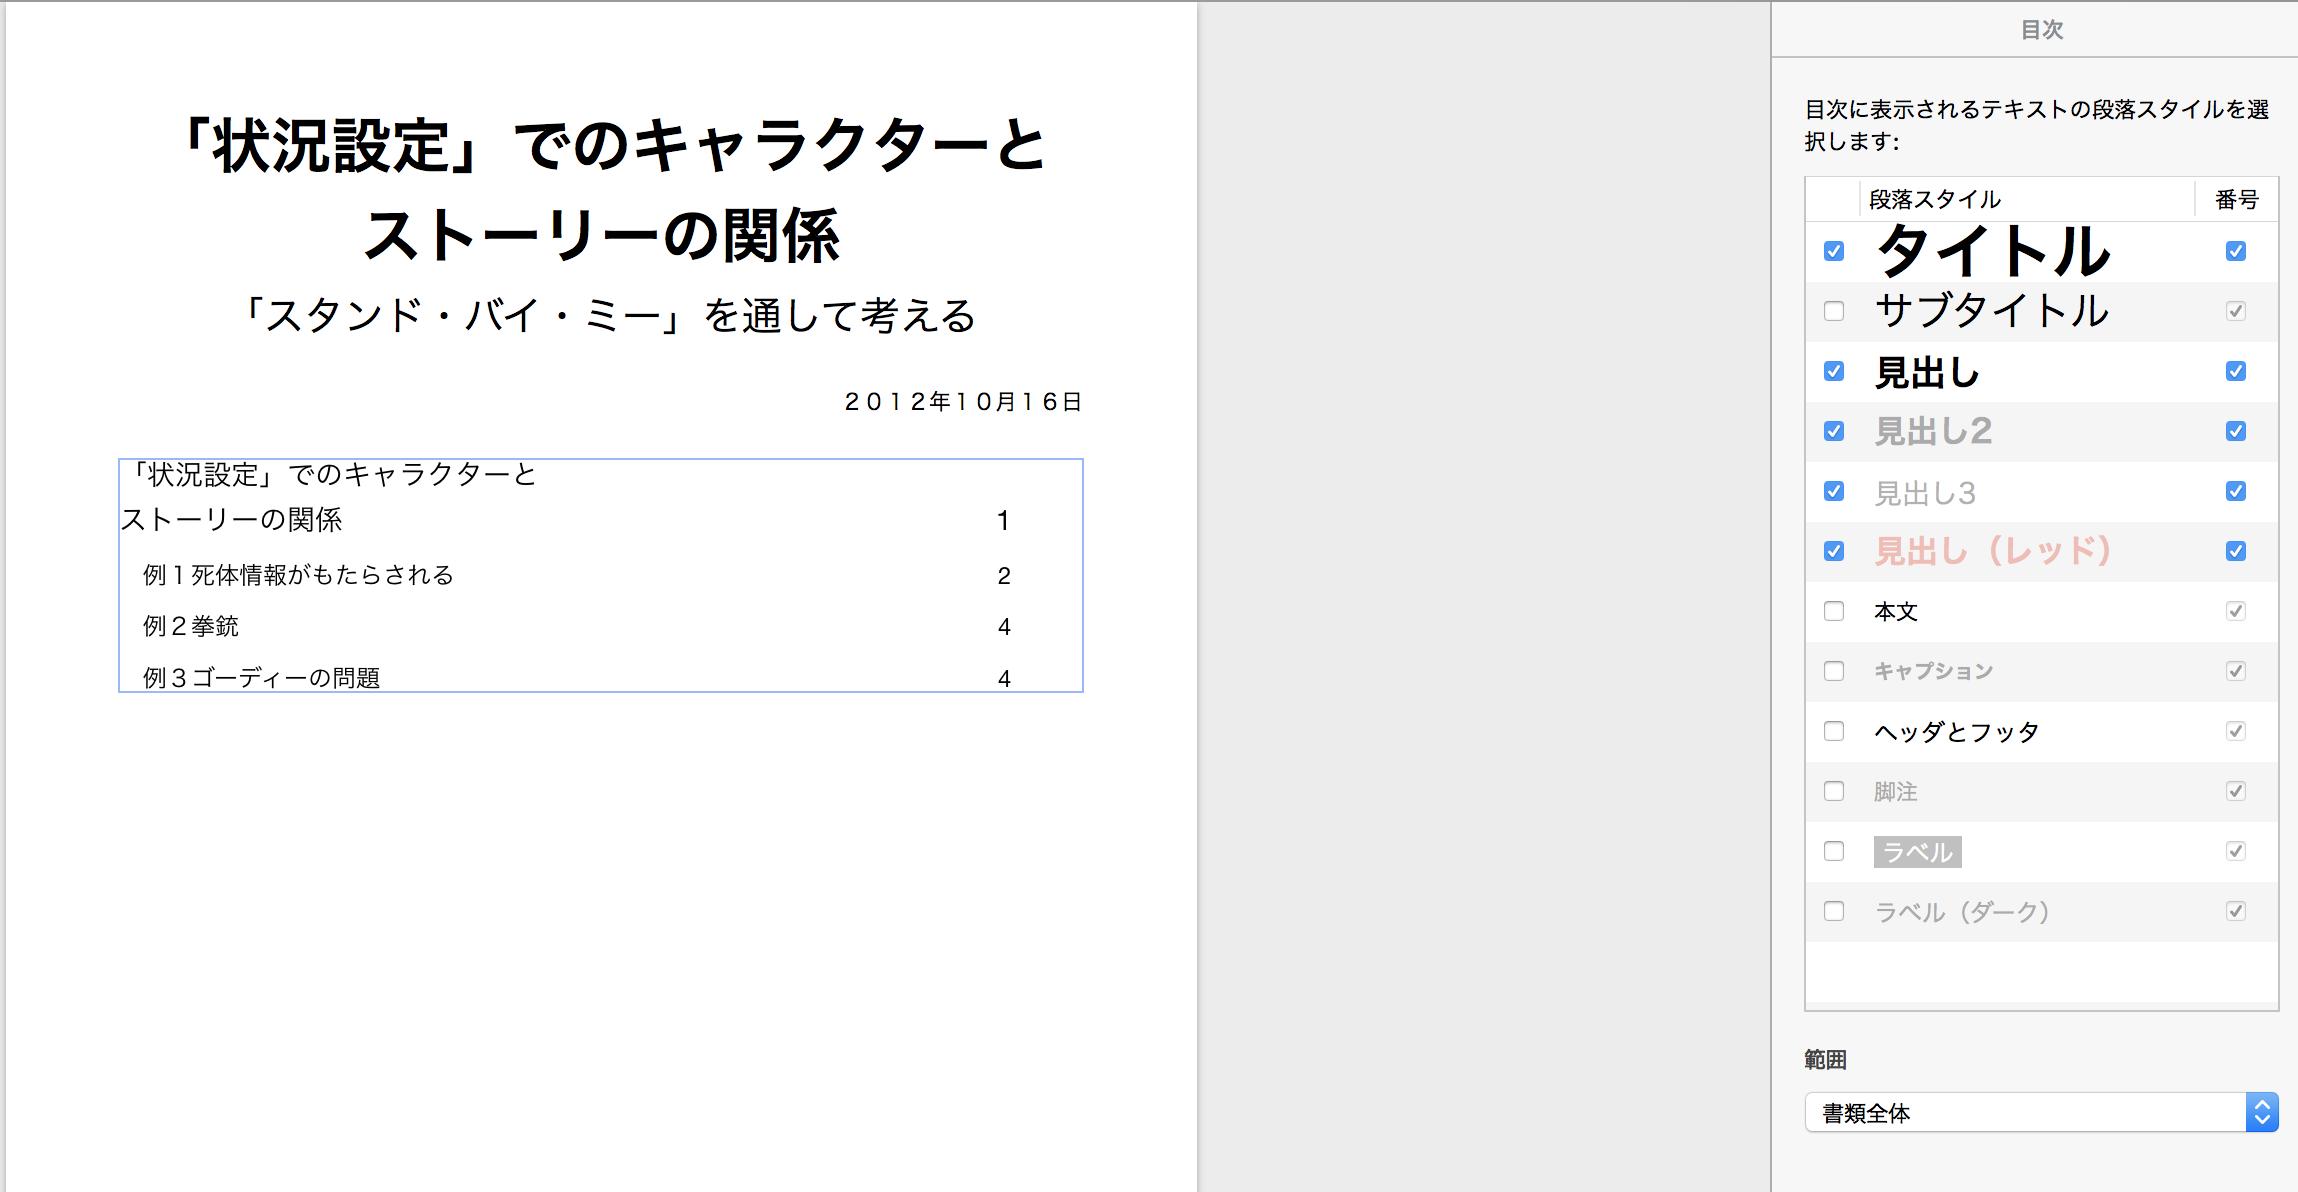 pdf 目次 作成 フリー mac